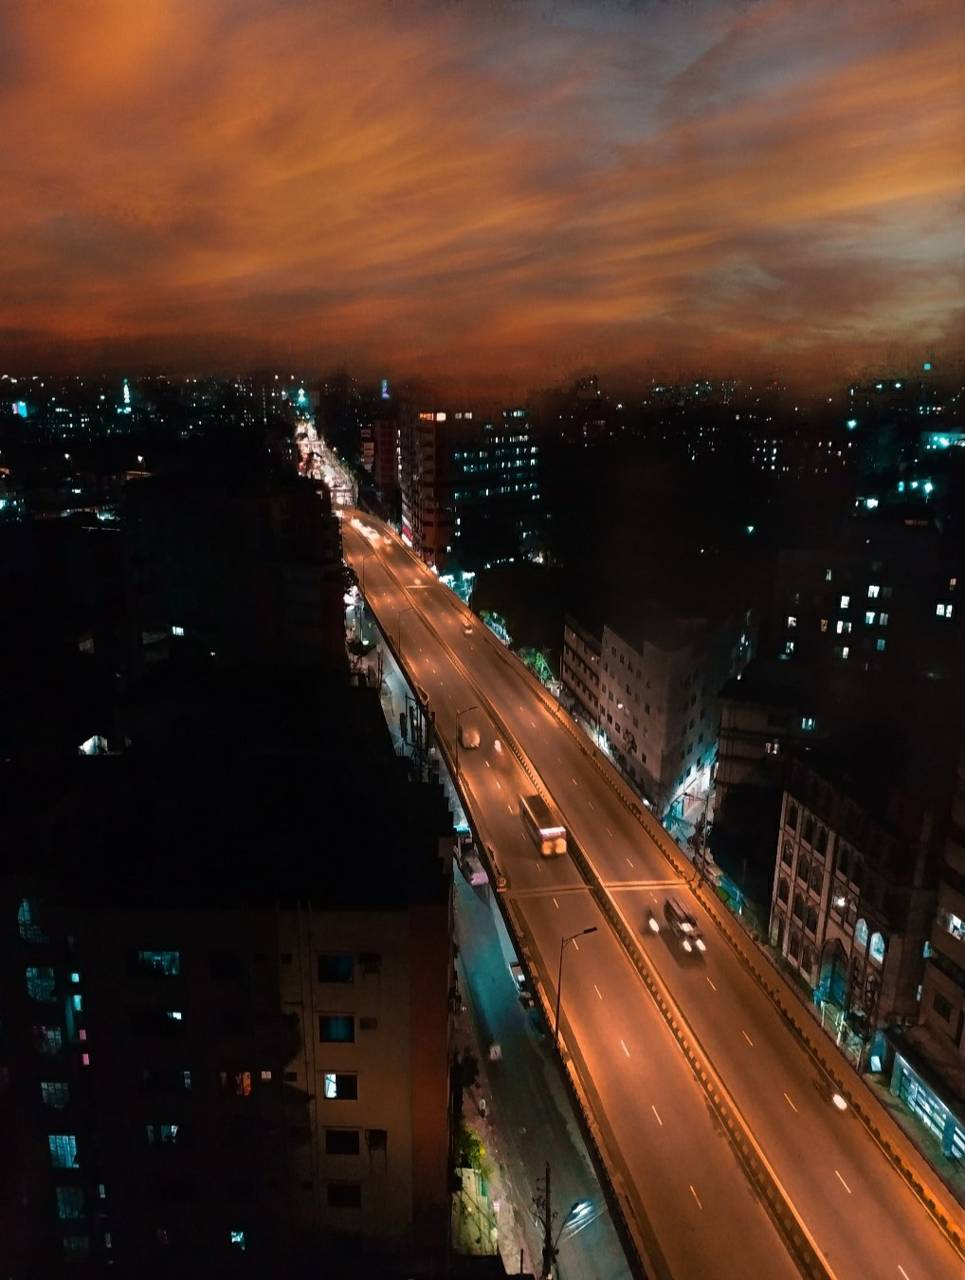 night city